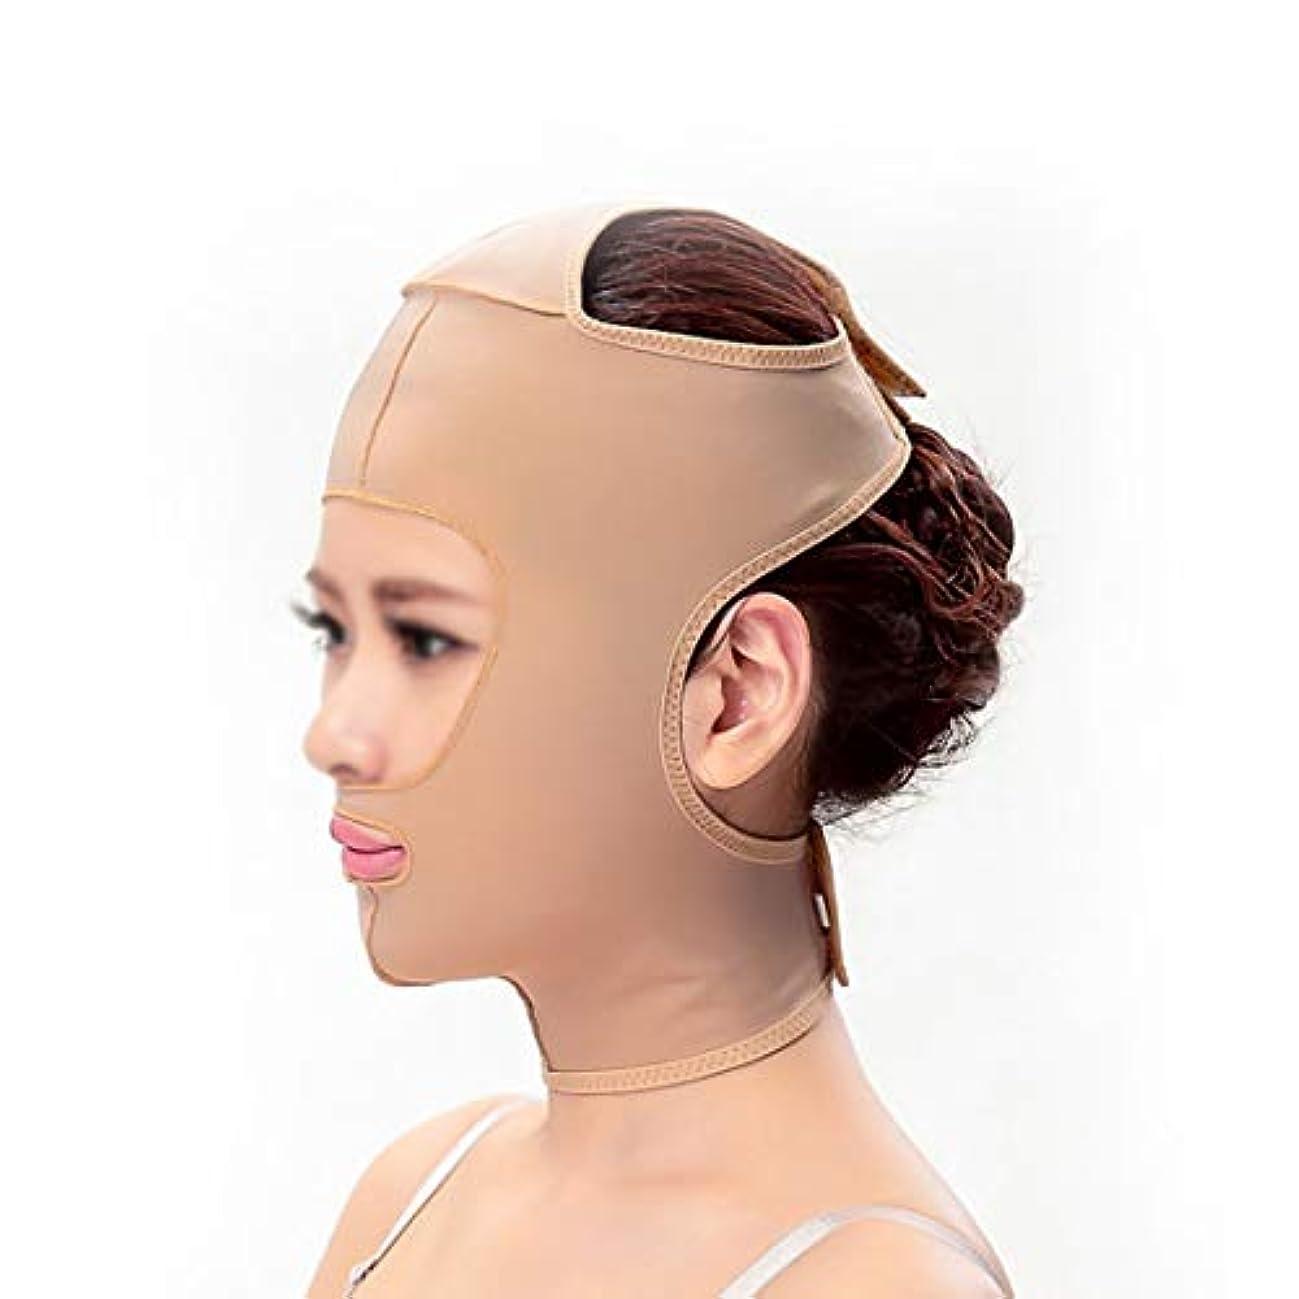 白雪姫のスコア喜劇GLJJQMY 減量ベルトマスクフェイスマスク神聖なパターンリフト二重あご引き締め顔面プラスチック顔面アーティファクト強力な顔面包帯 顔用整形マスク (Size : M)